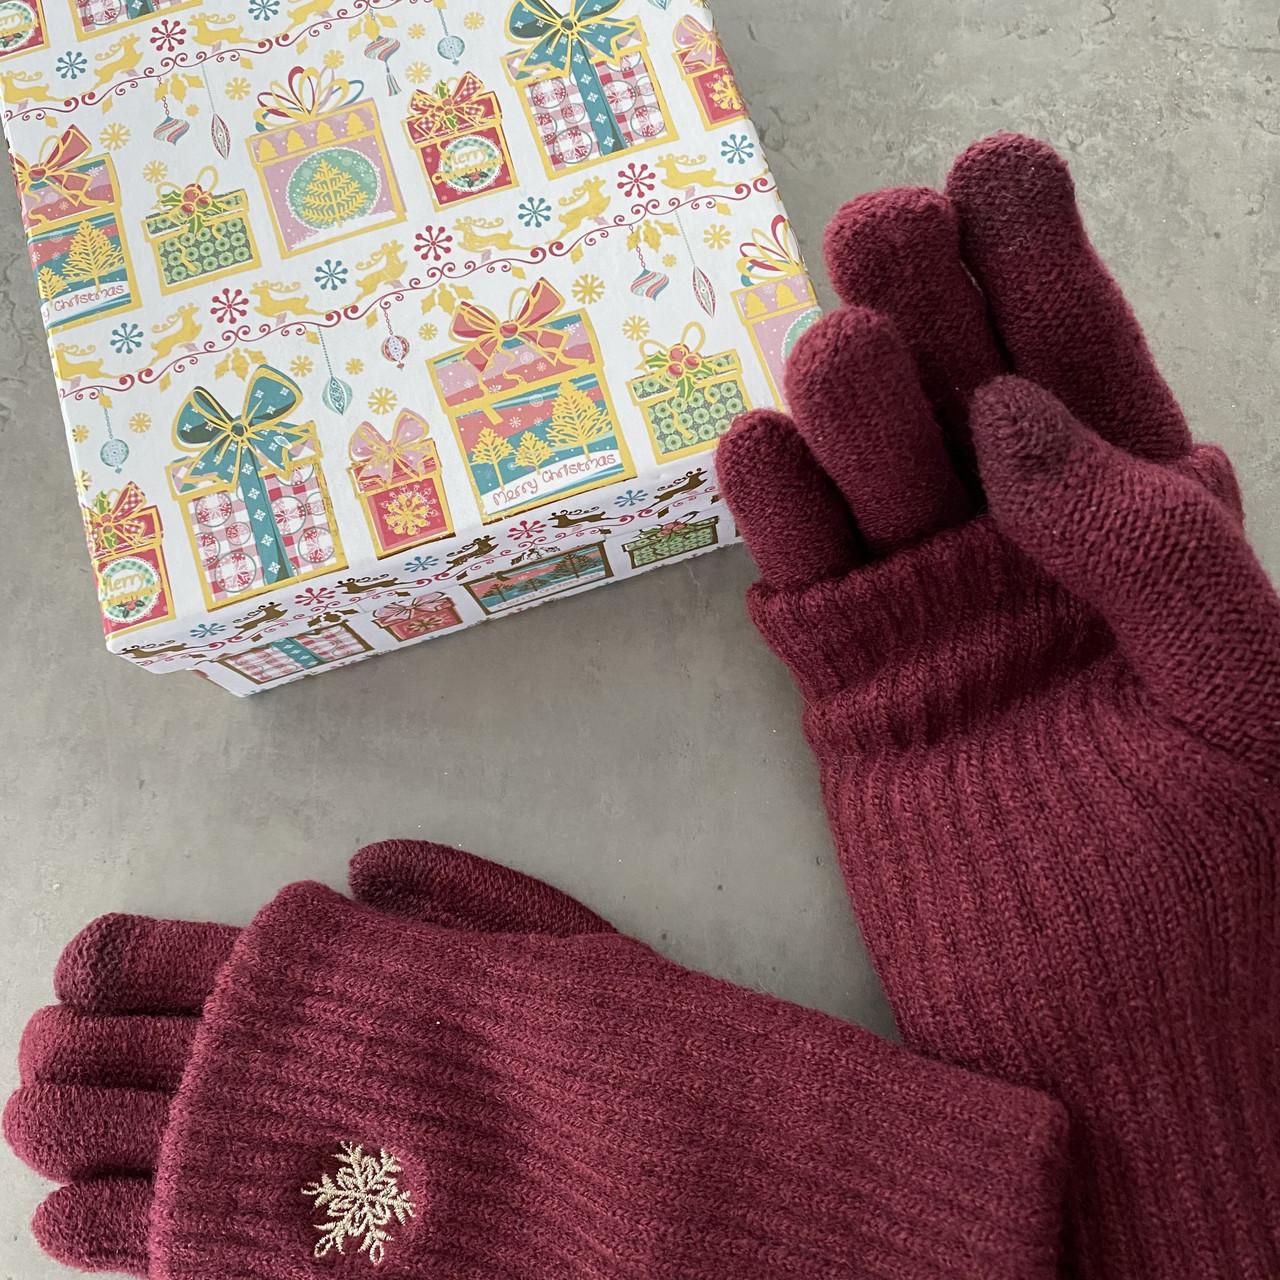 Перчатки из текстиля тачскрин Woman's heel бордовые (Ш-514-1)